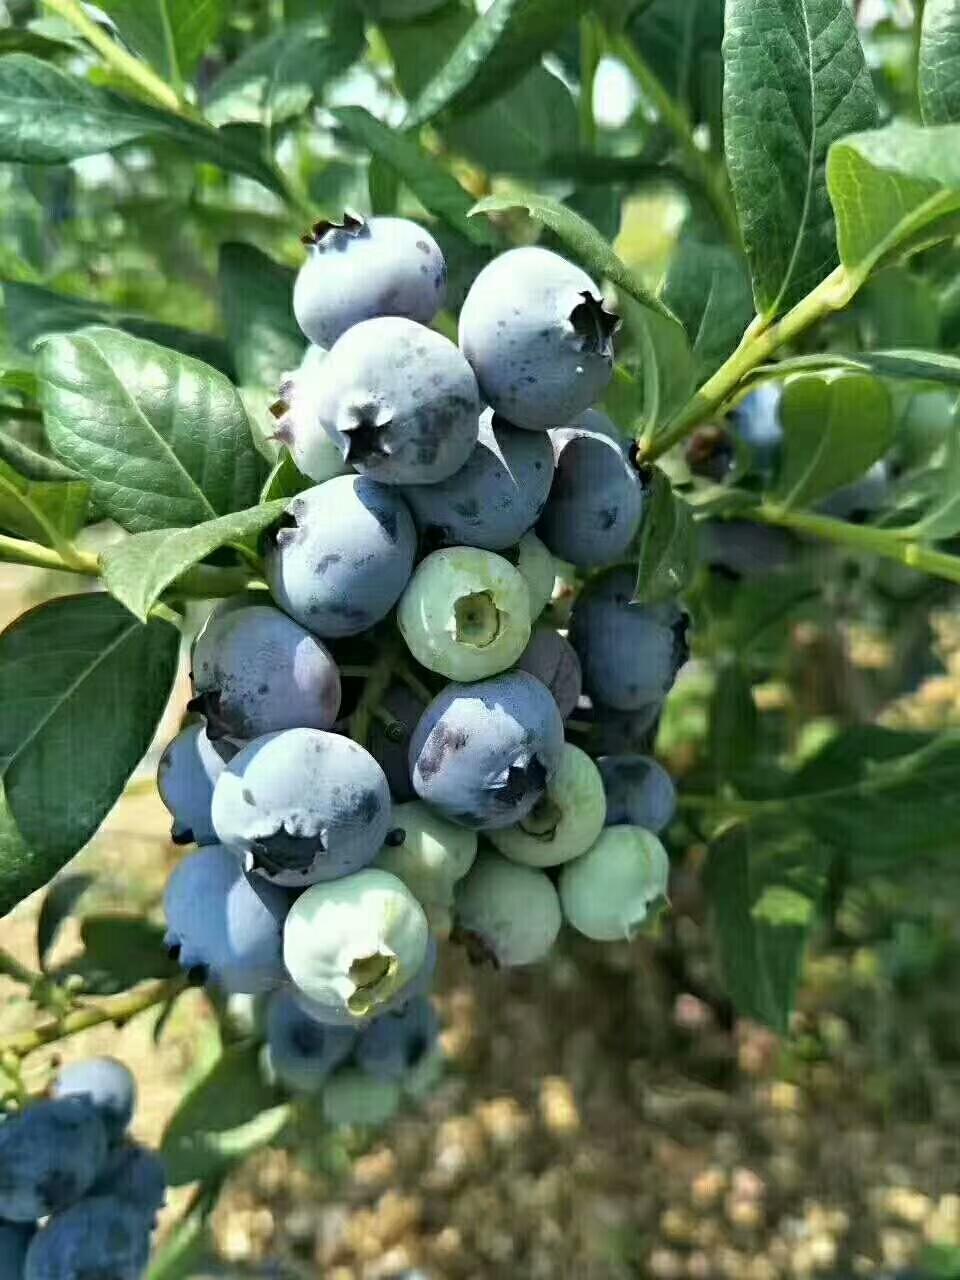 莱克西蓝莓苗供应、福建莱克西蓝莓苗种植专业合作社